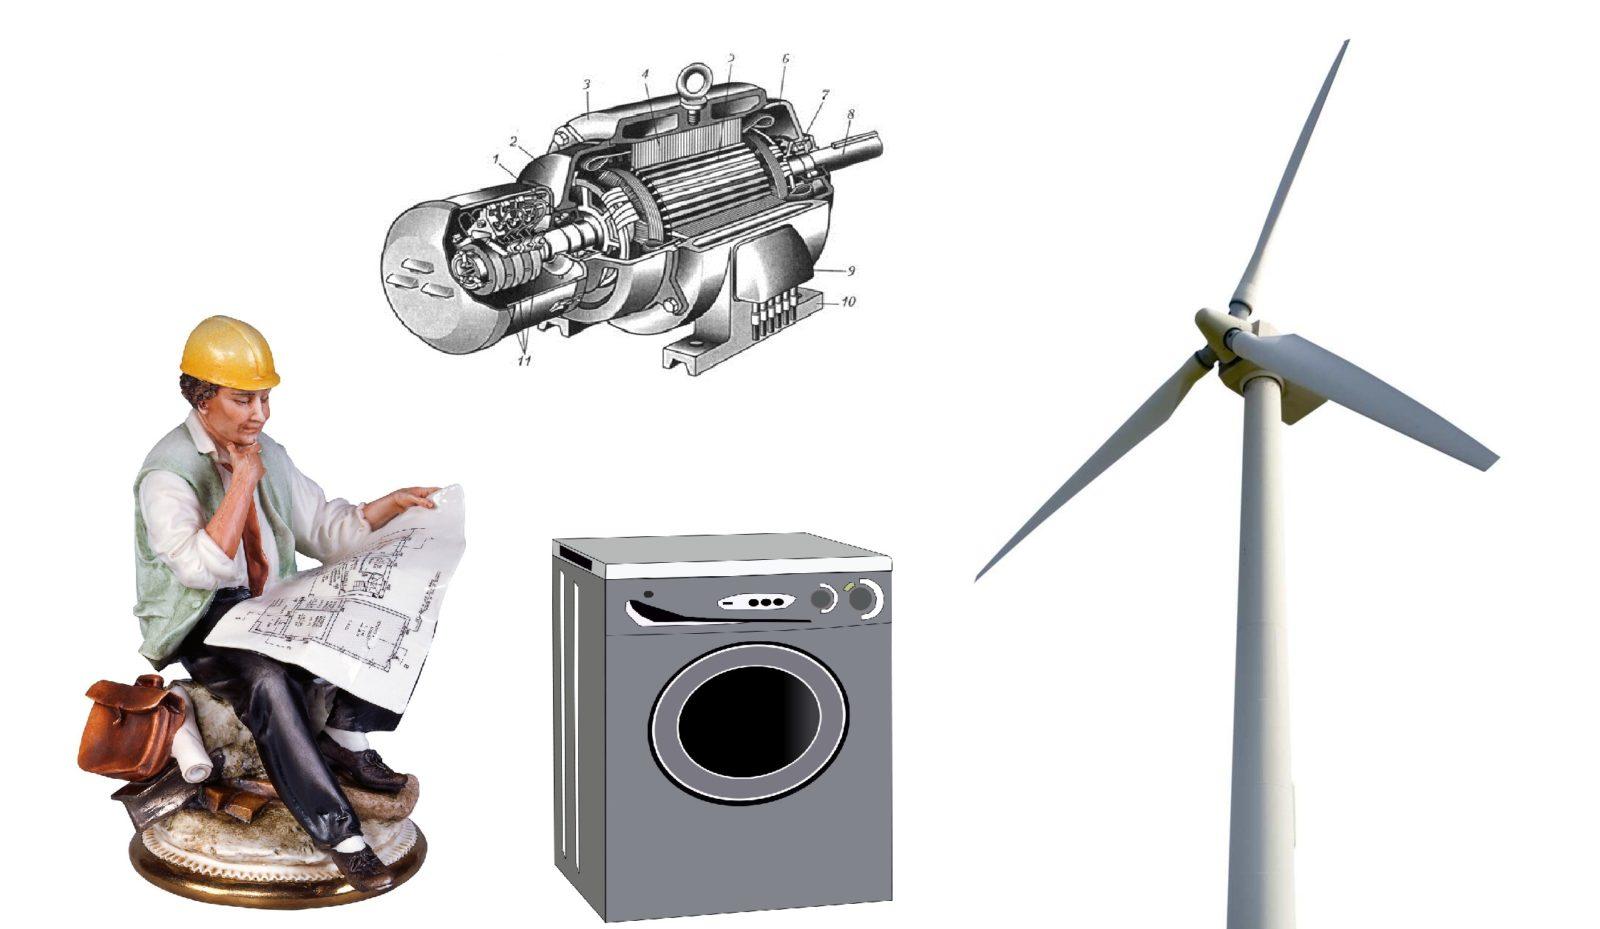 Вятър генератор от двигателя на пералната машина